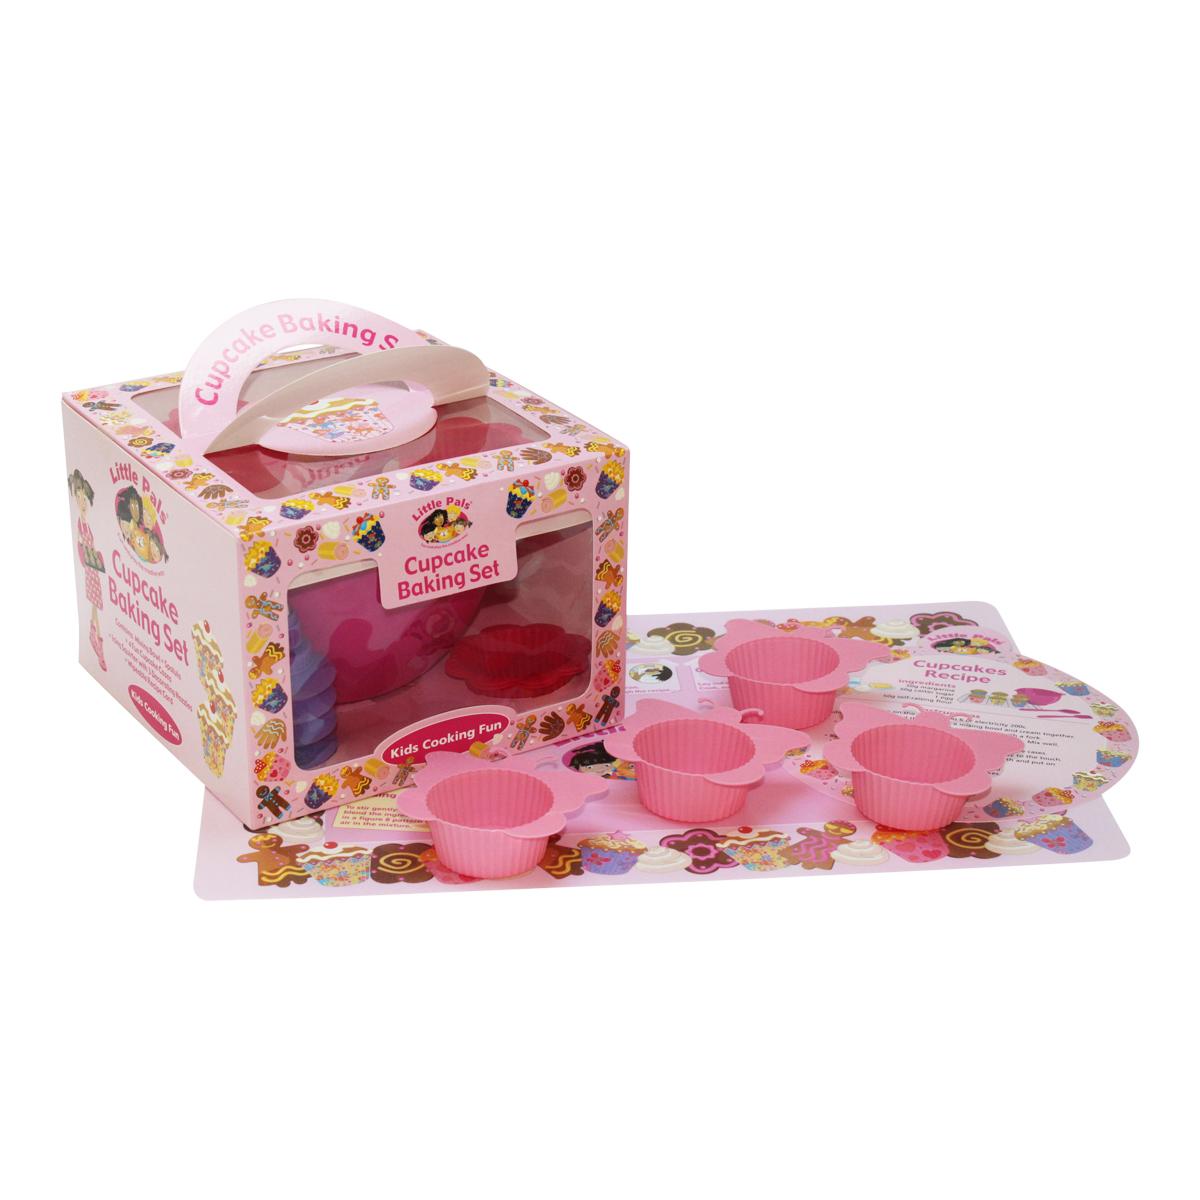 childrens cupcake baking set